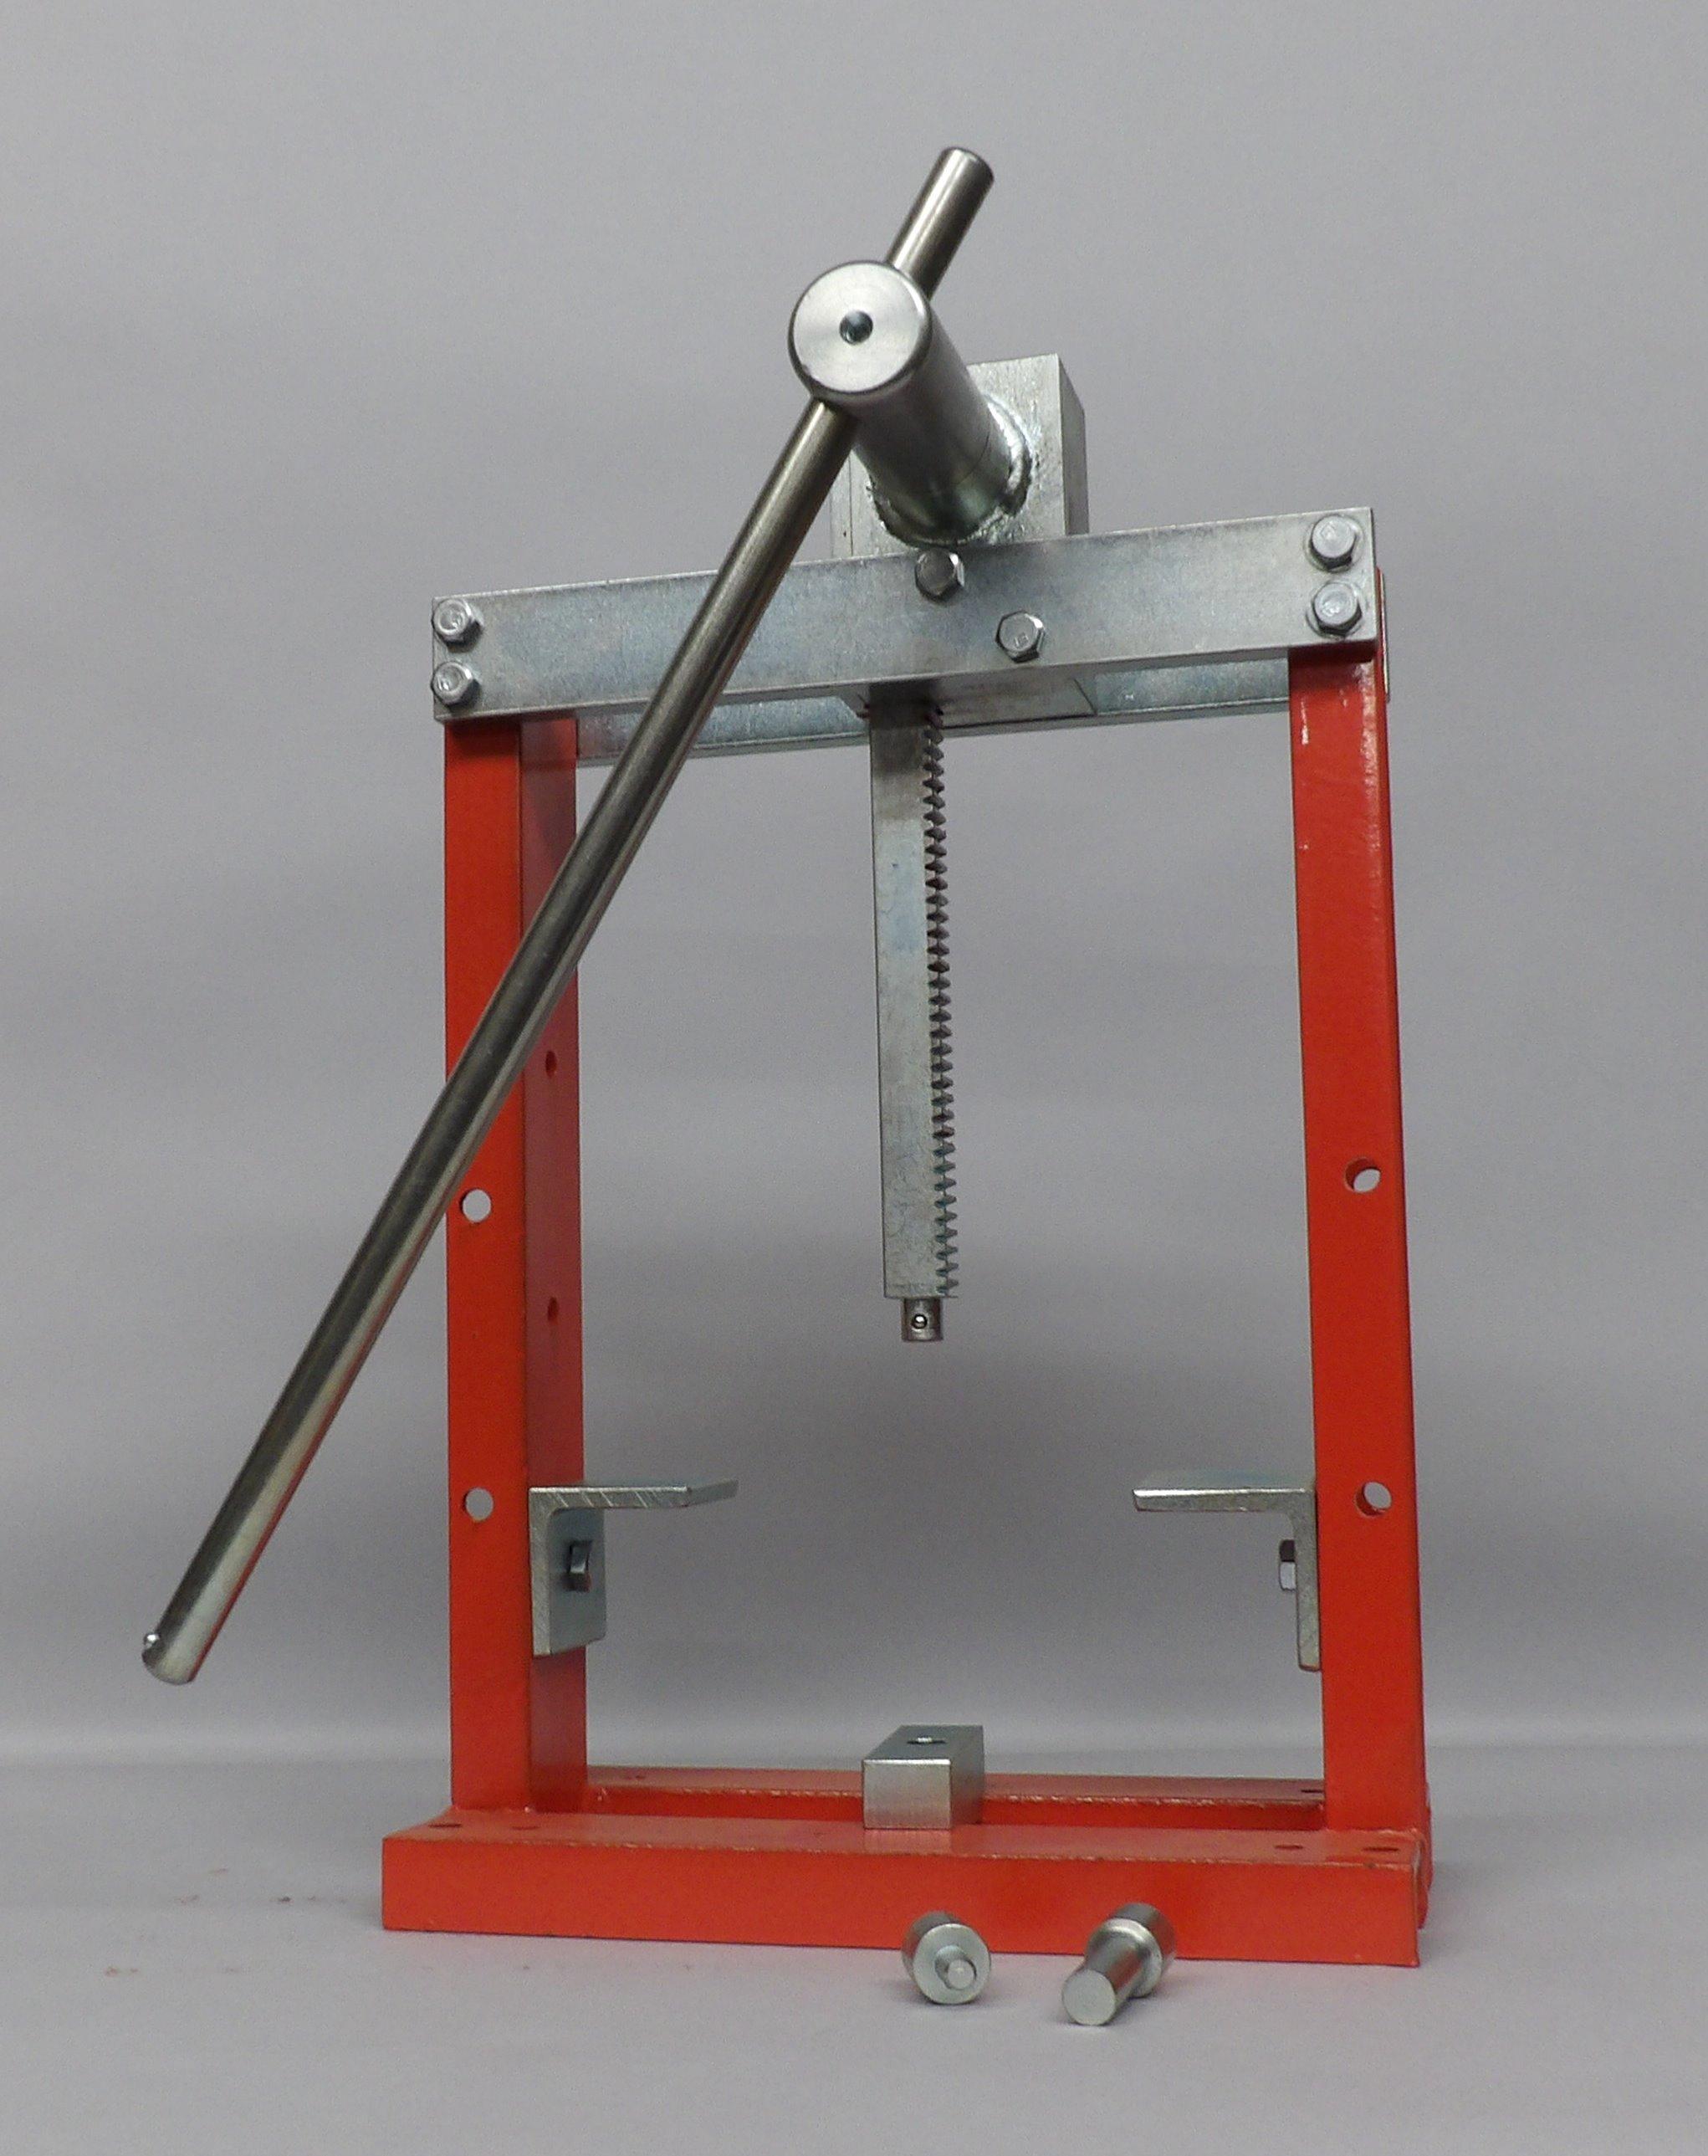 CG100 3-Ton Arbor Press Features a 2